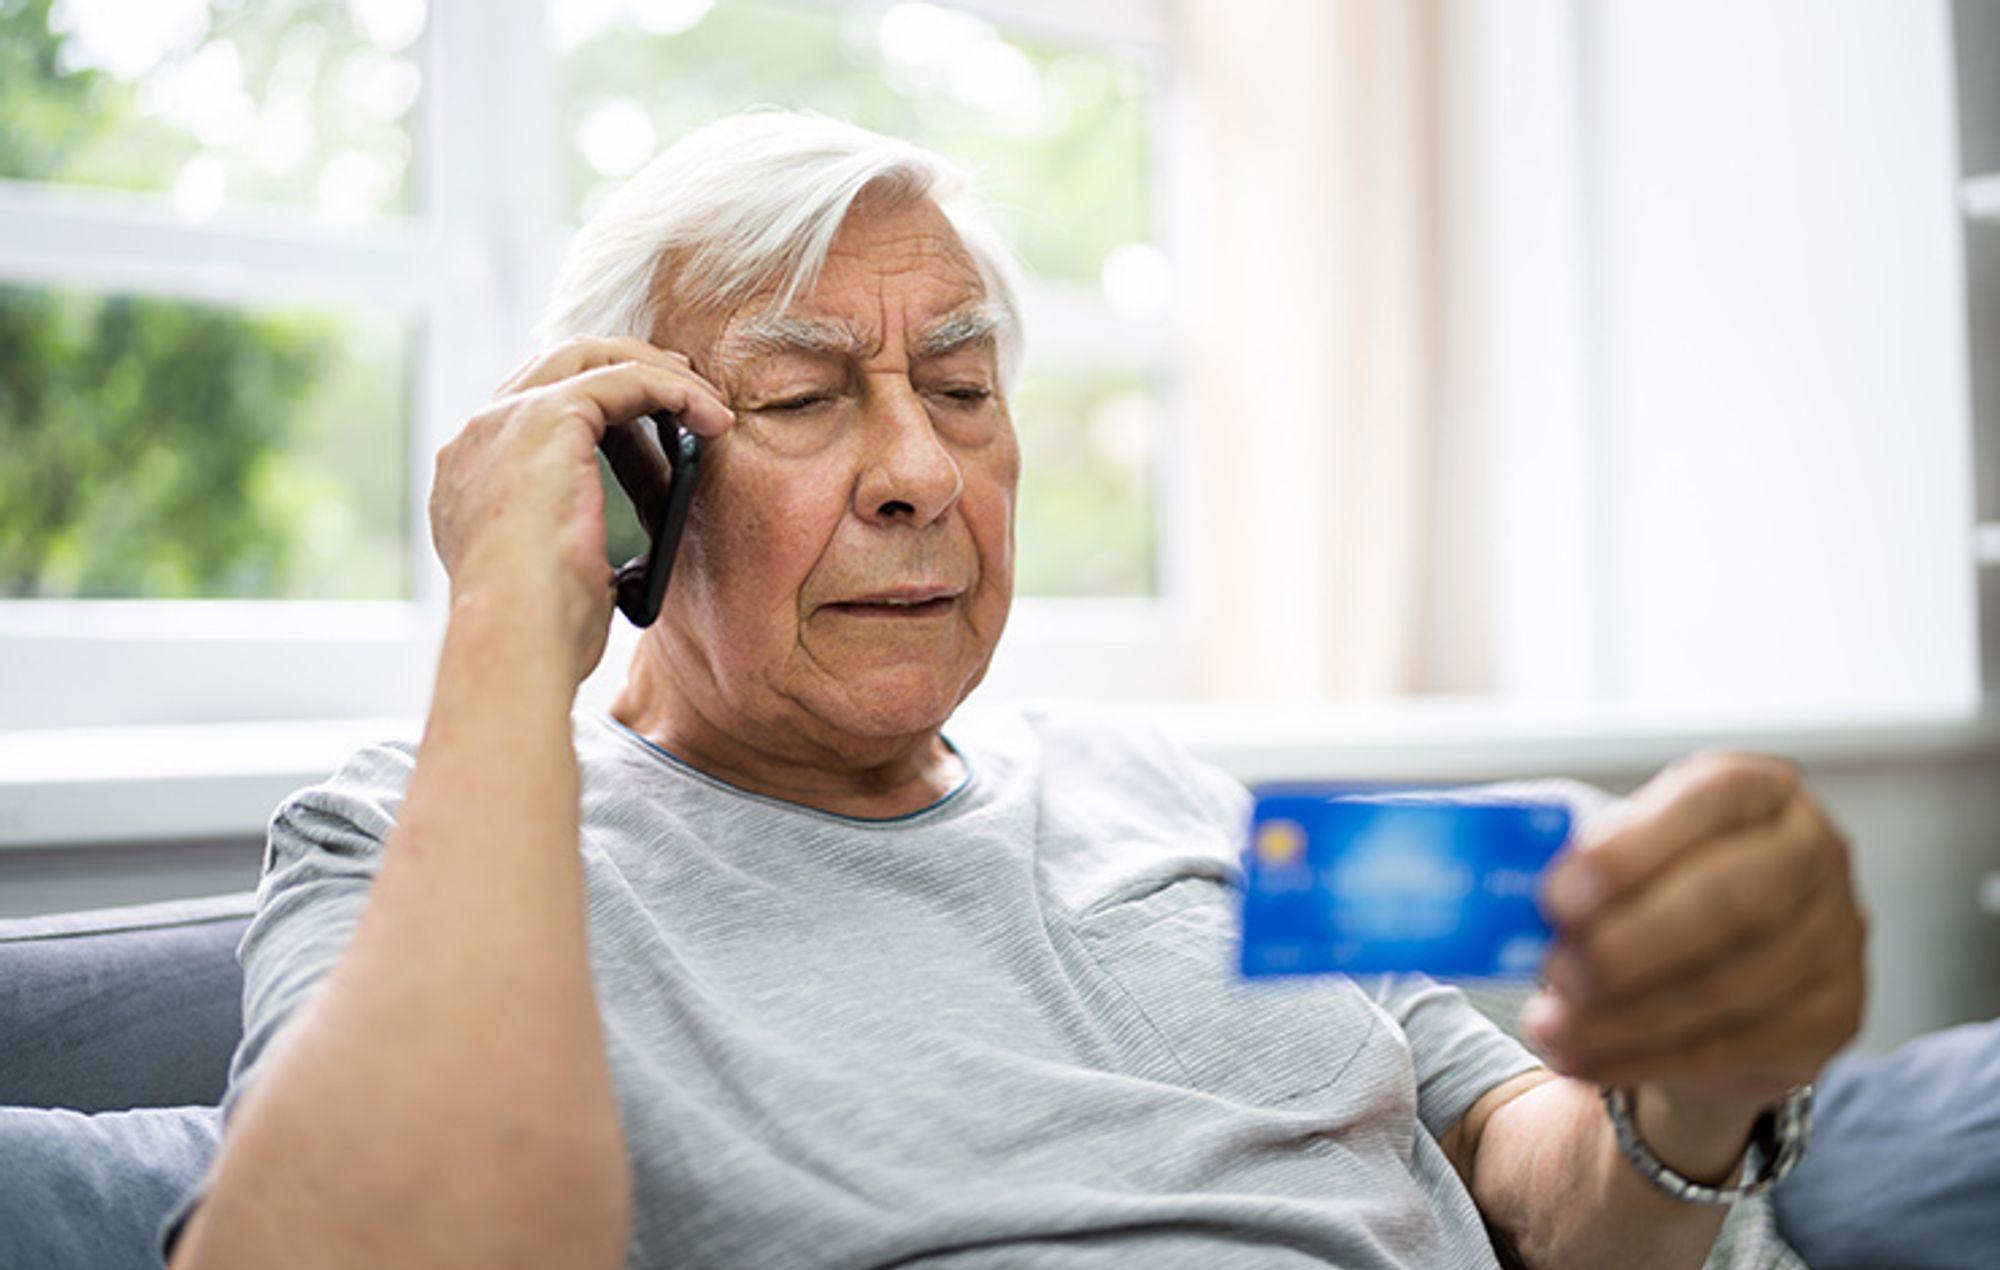 Äldre man pratar i mobiltelefon samtidigt som han tittar på ett betalkort